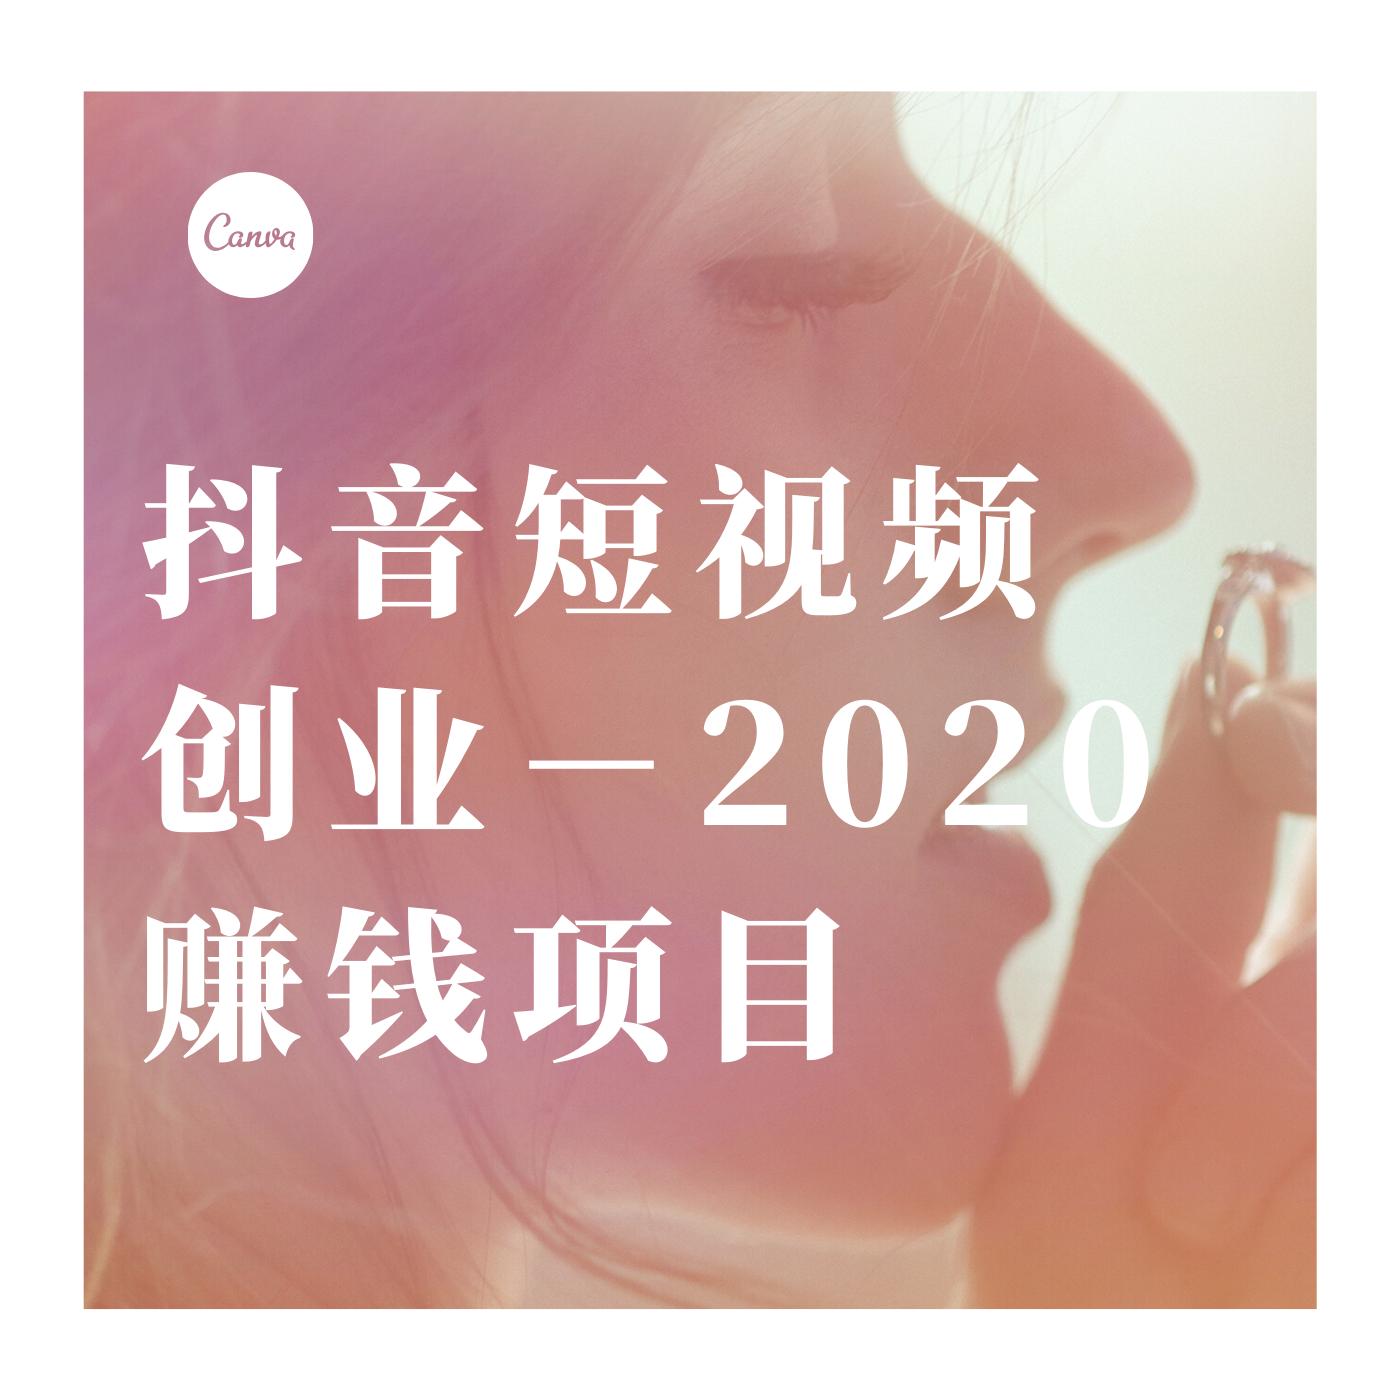 抖音短视频创业-2020赚钱项目